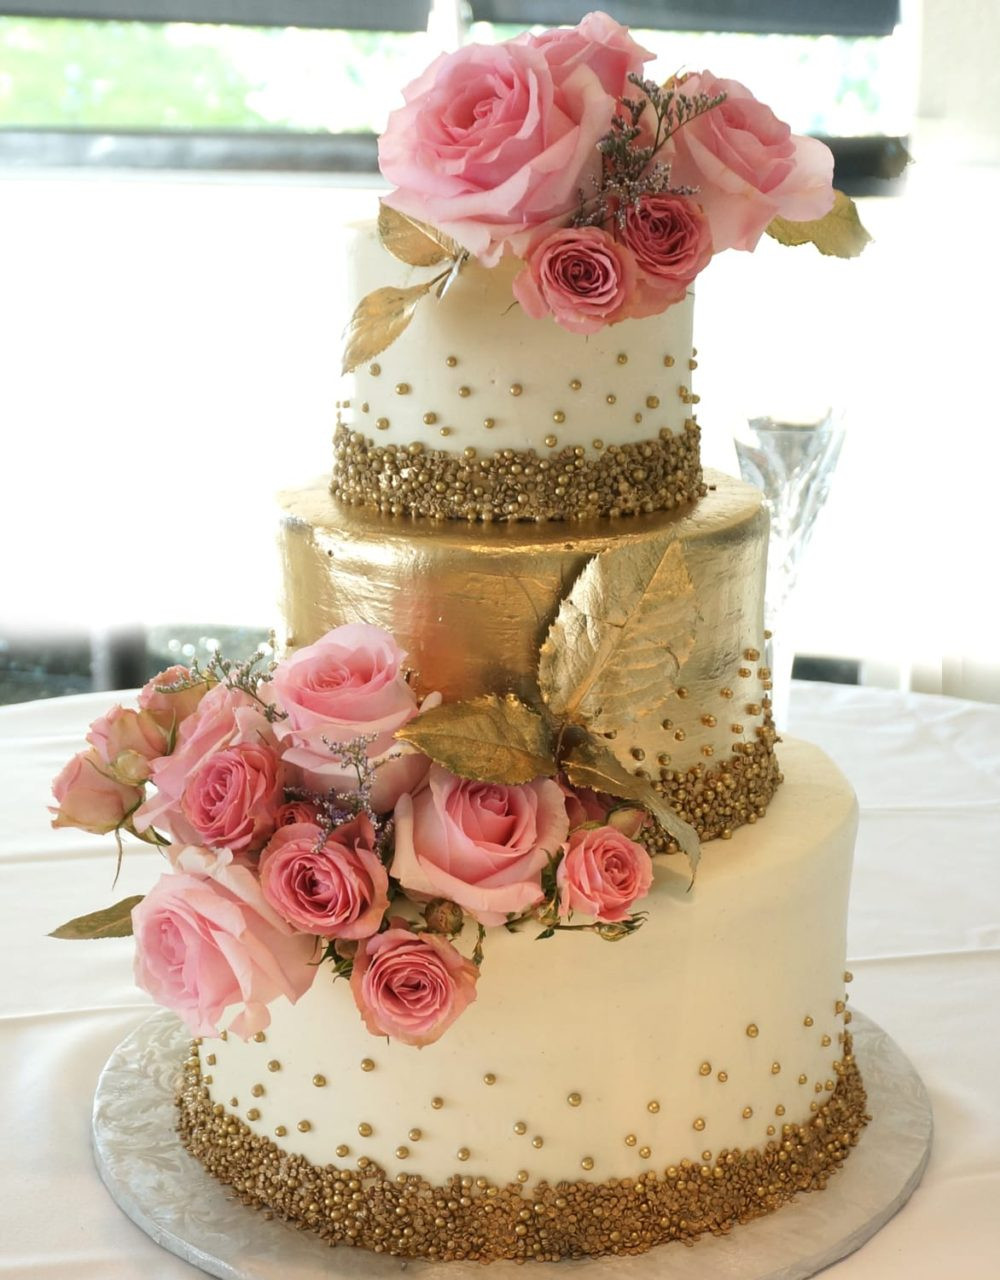 Wedding Cakes Gallery  Wedding Cakes Gallery – Dreamcakes Bakery